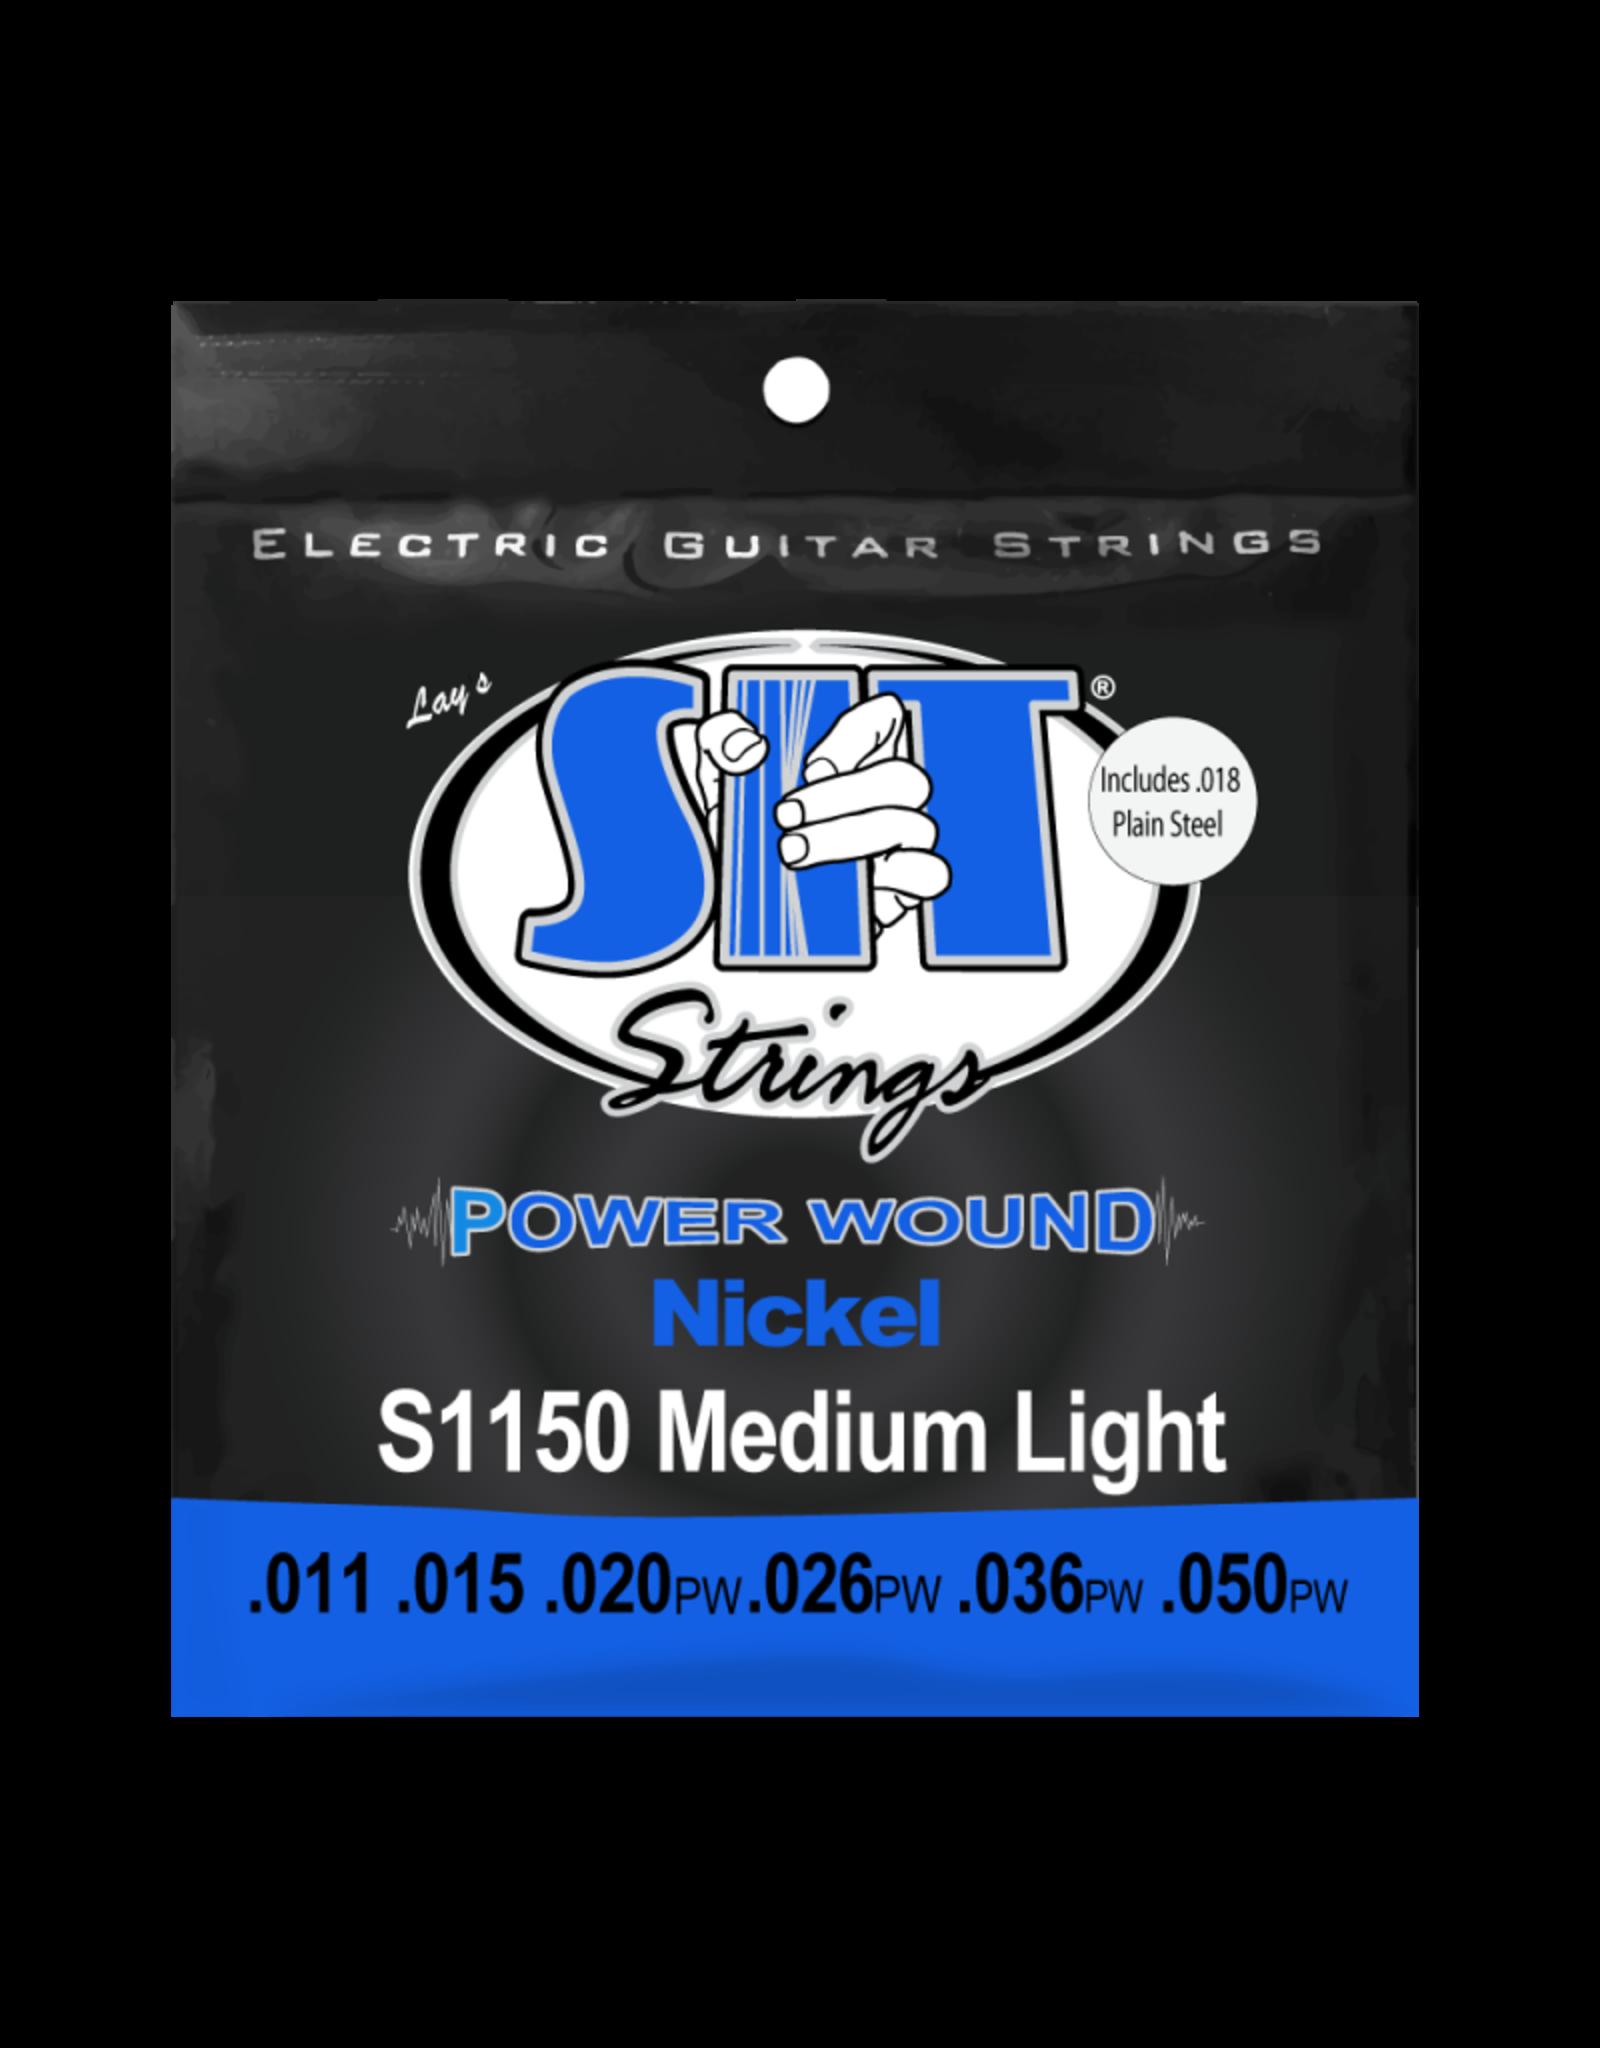 SIT Strings SIT S1150 POWER WOUND Nickel Medium Light Electric Guitar Strings